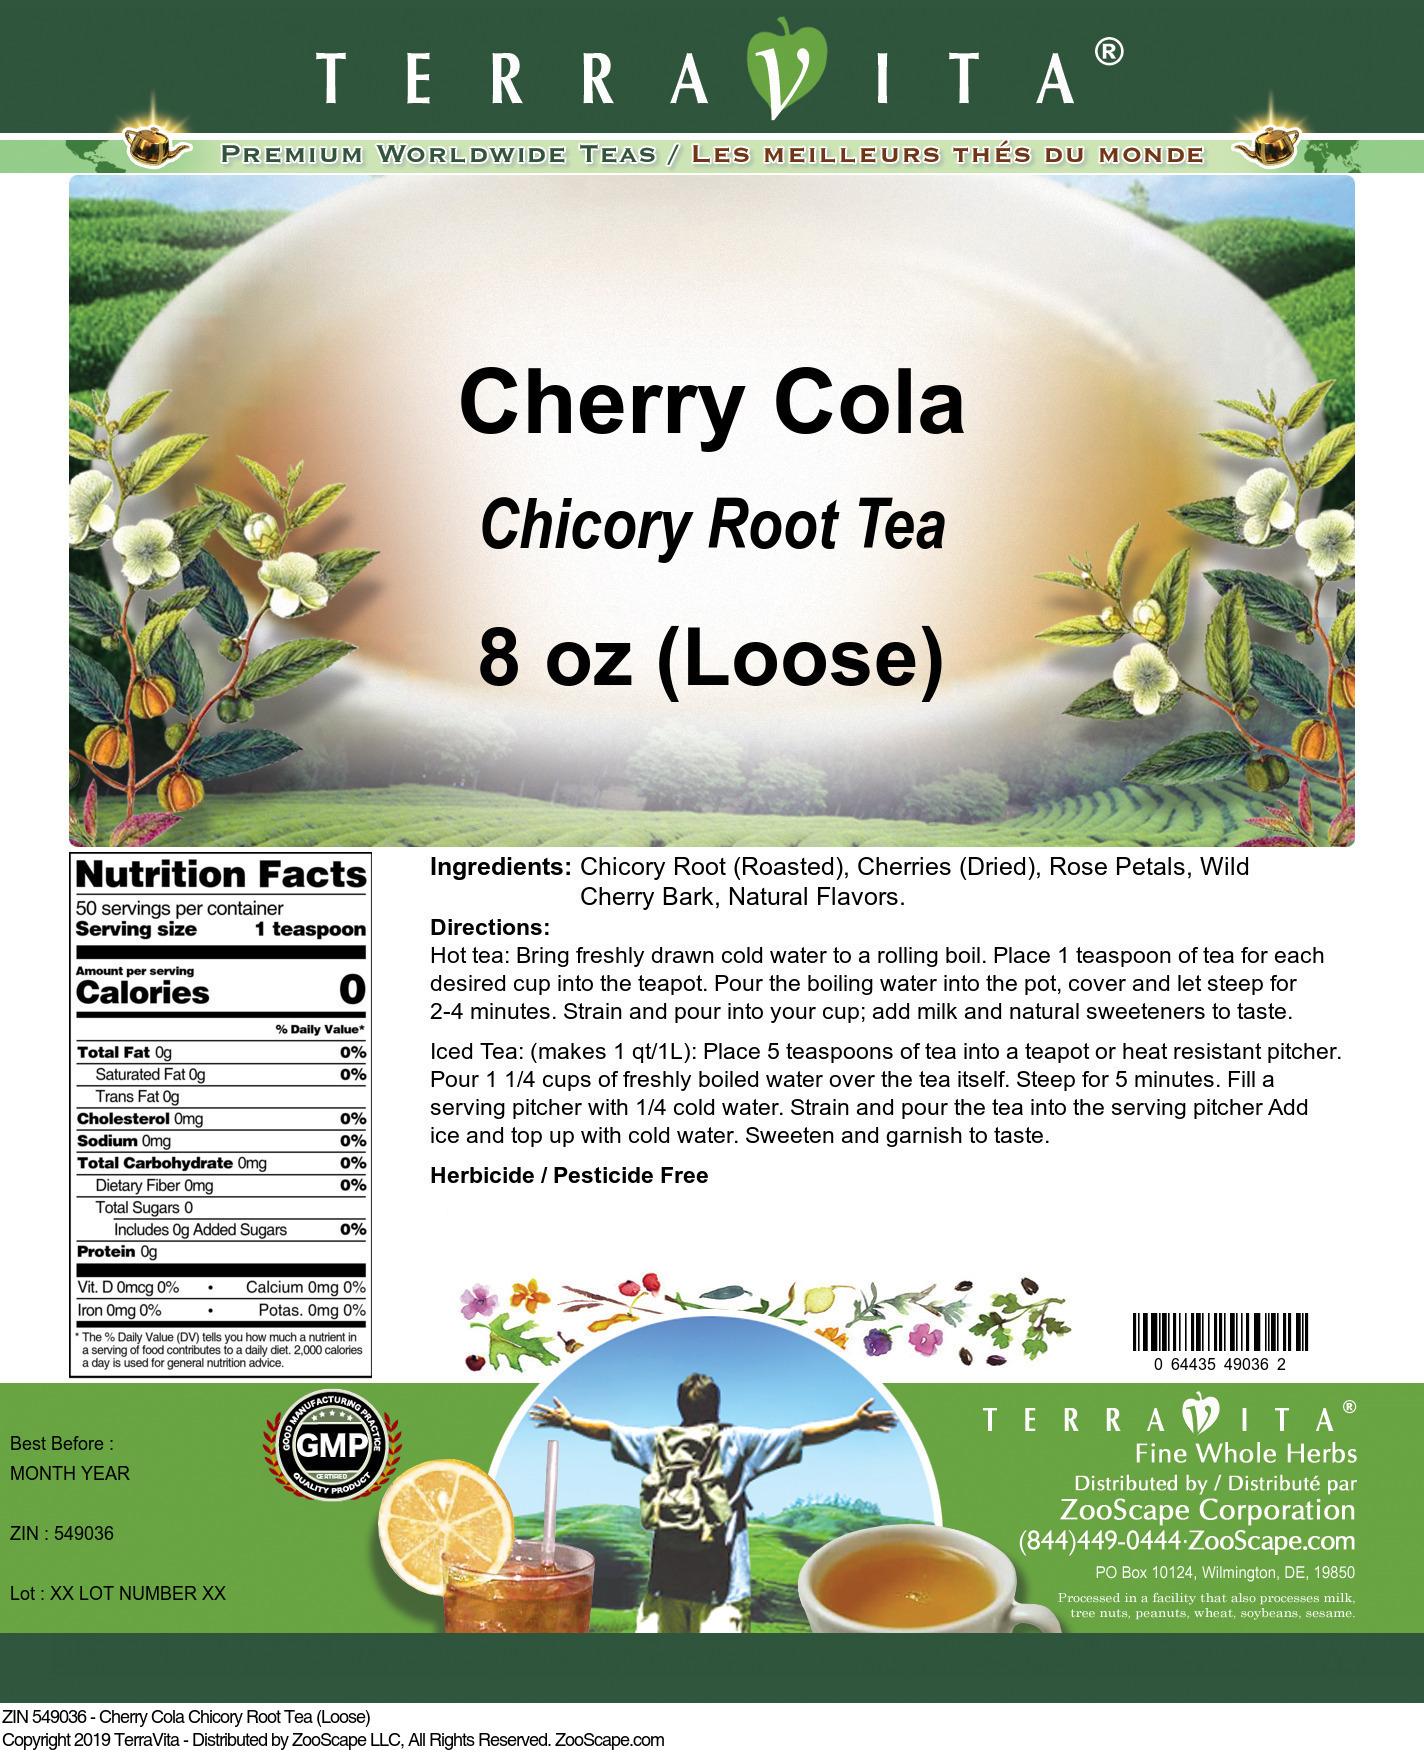 Cherry Cola Chicory Root